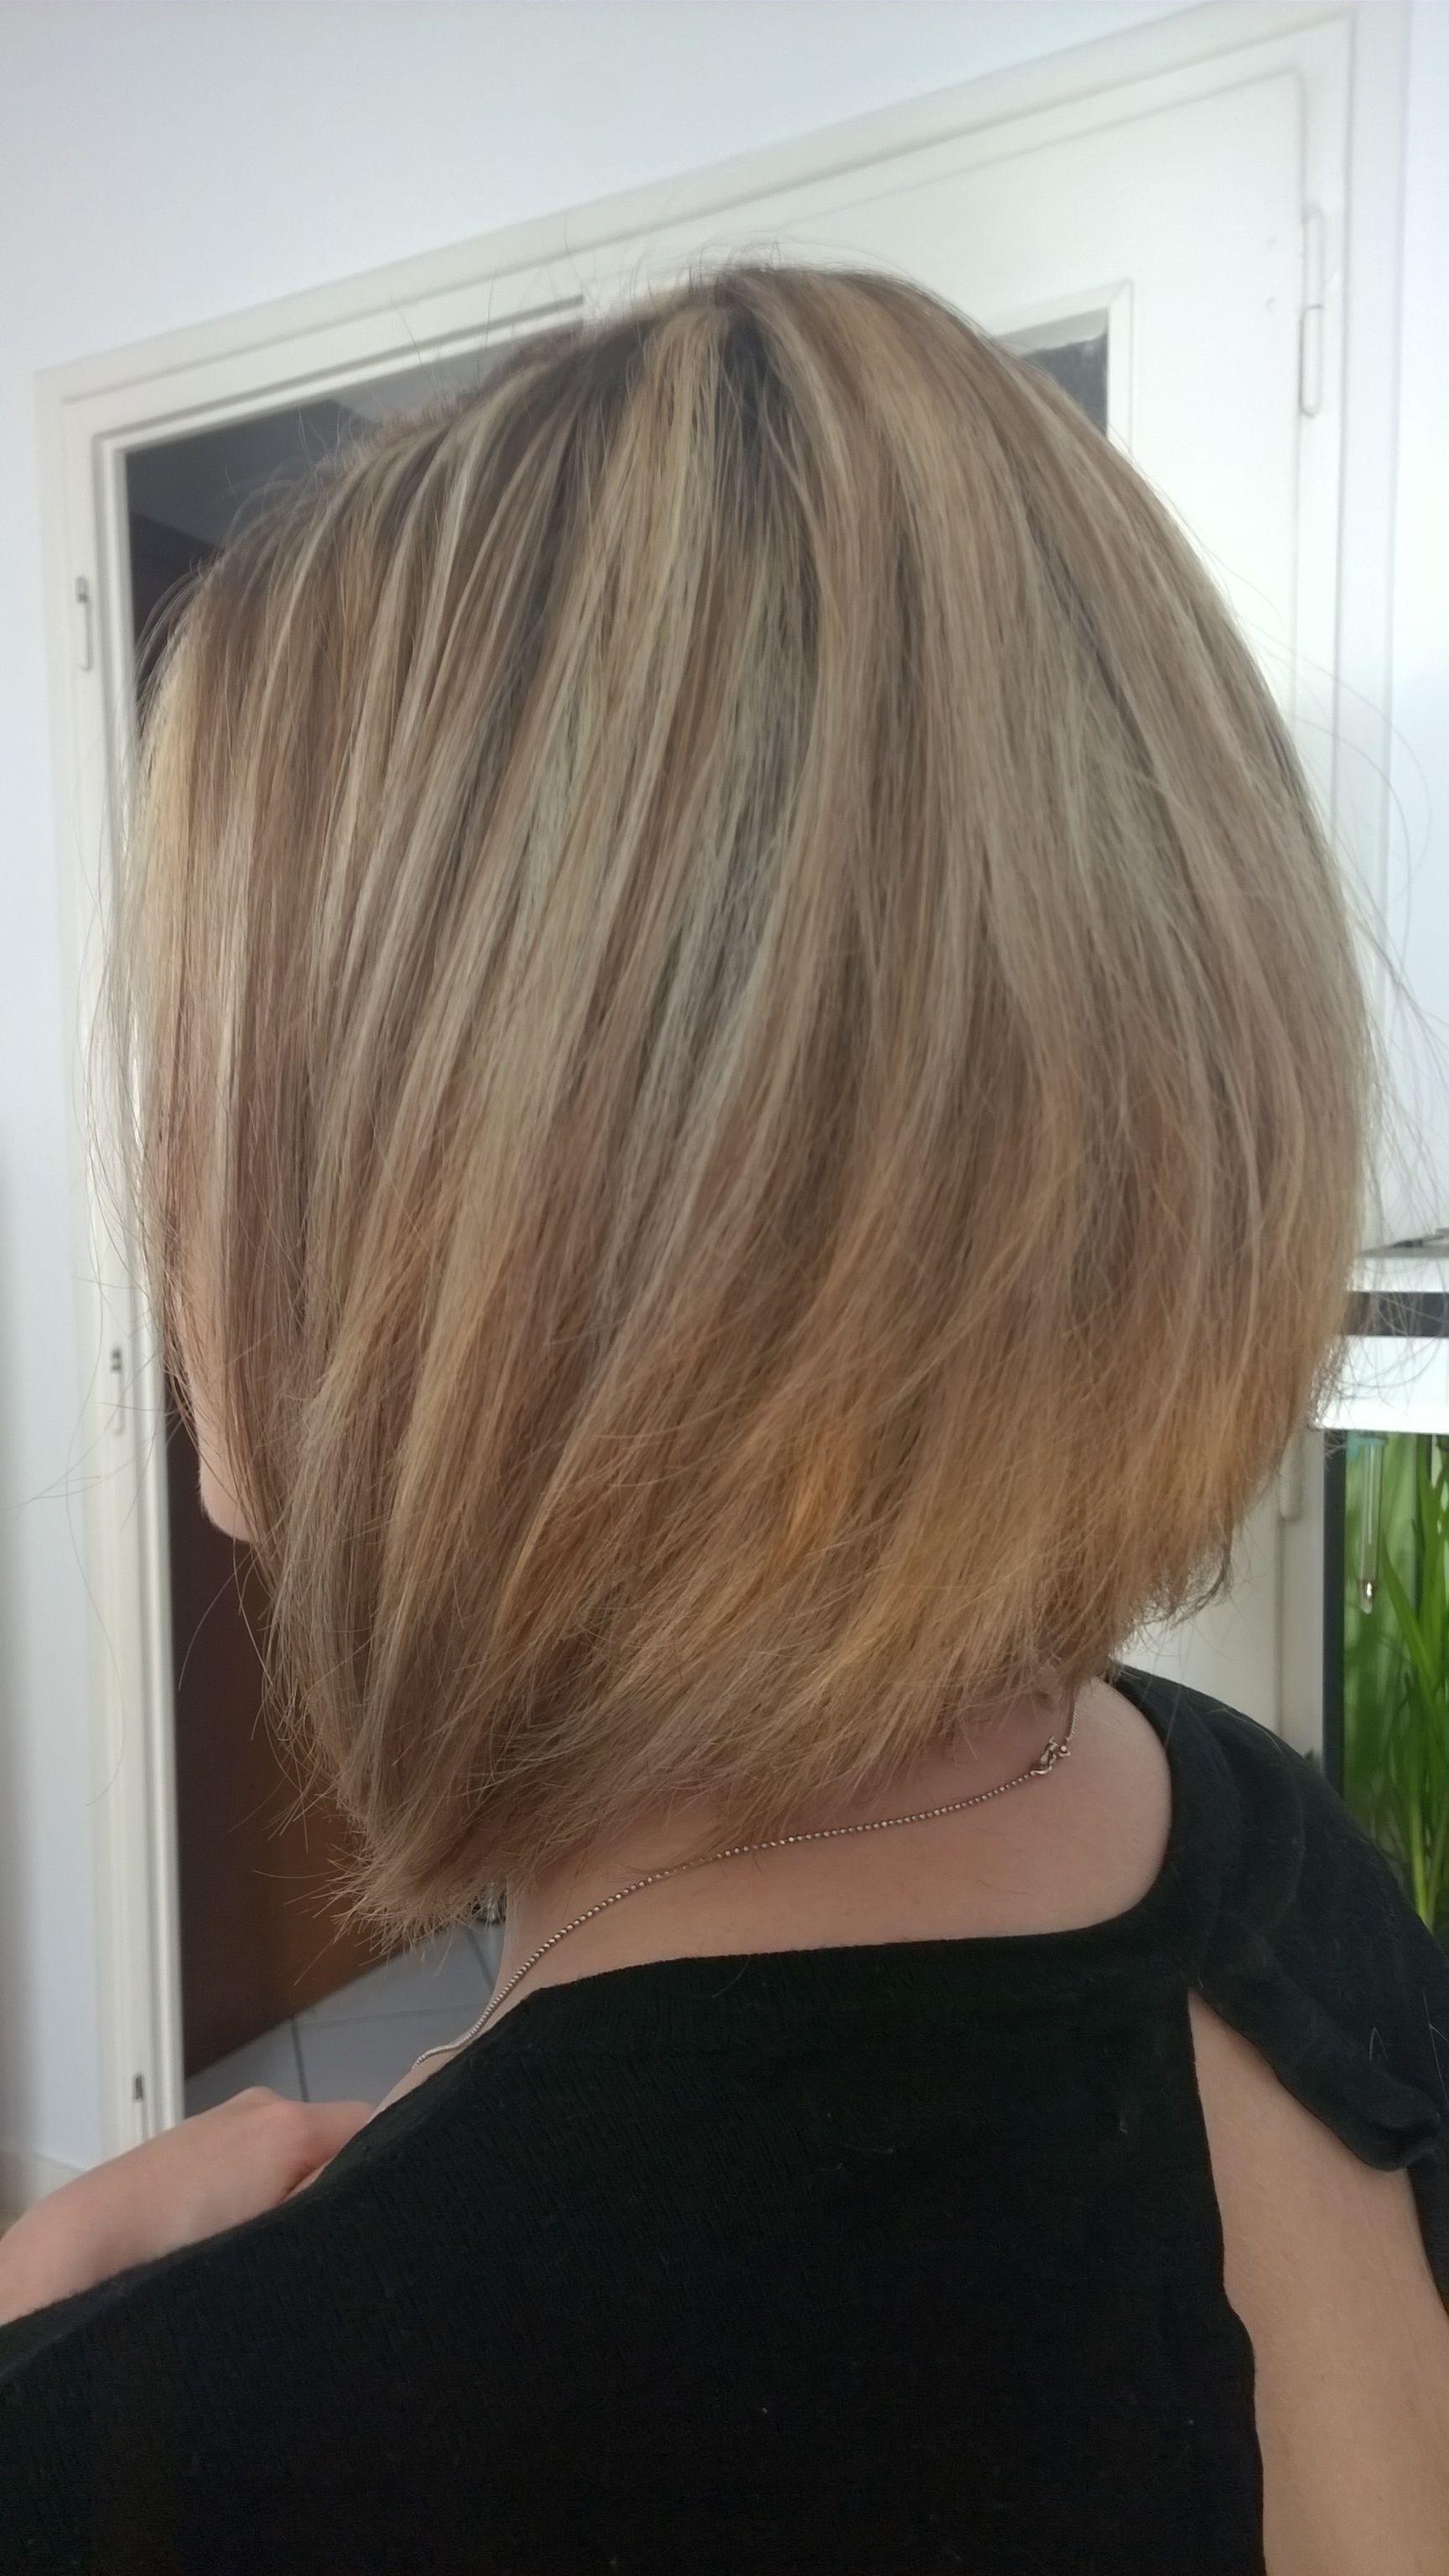 Carre plongeant long et mèches blondes | Coupe cheveux carré, Carré plongeant mèche blonde ...